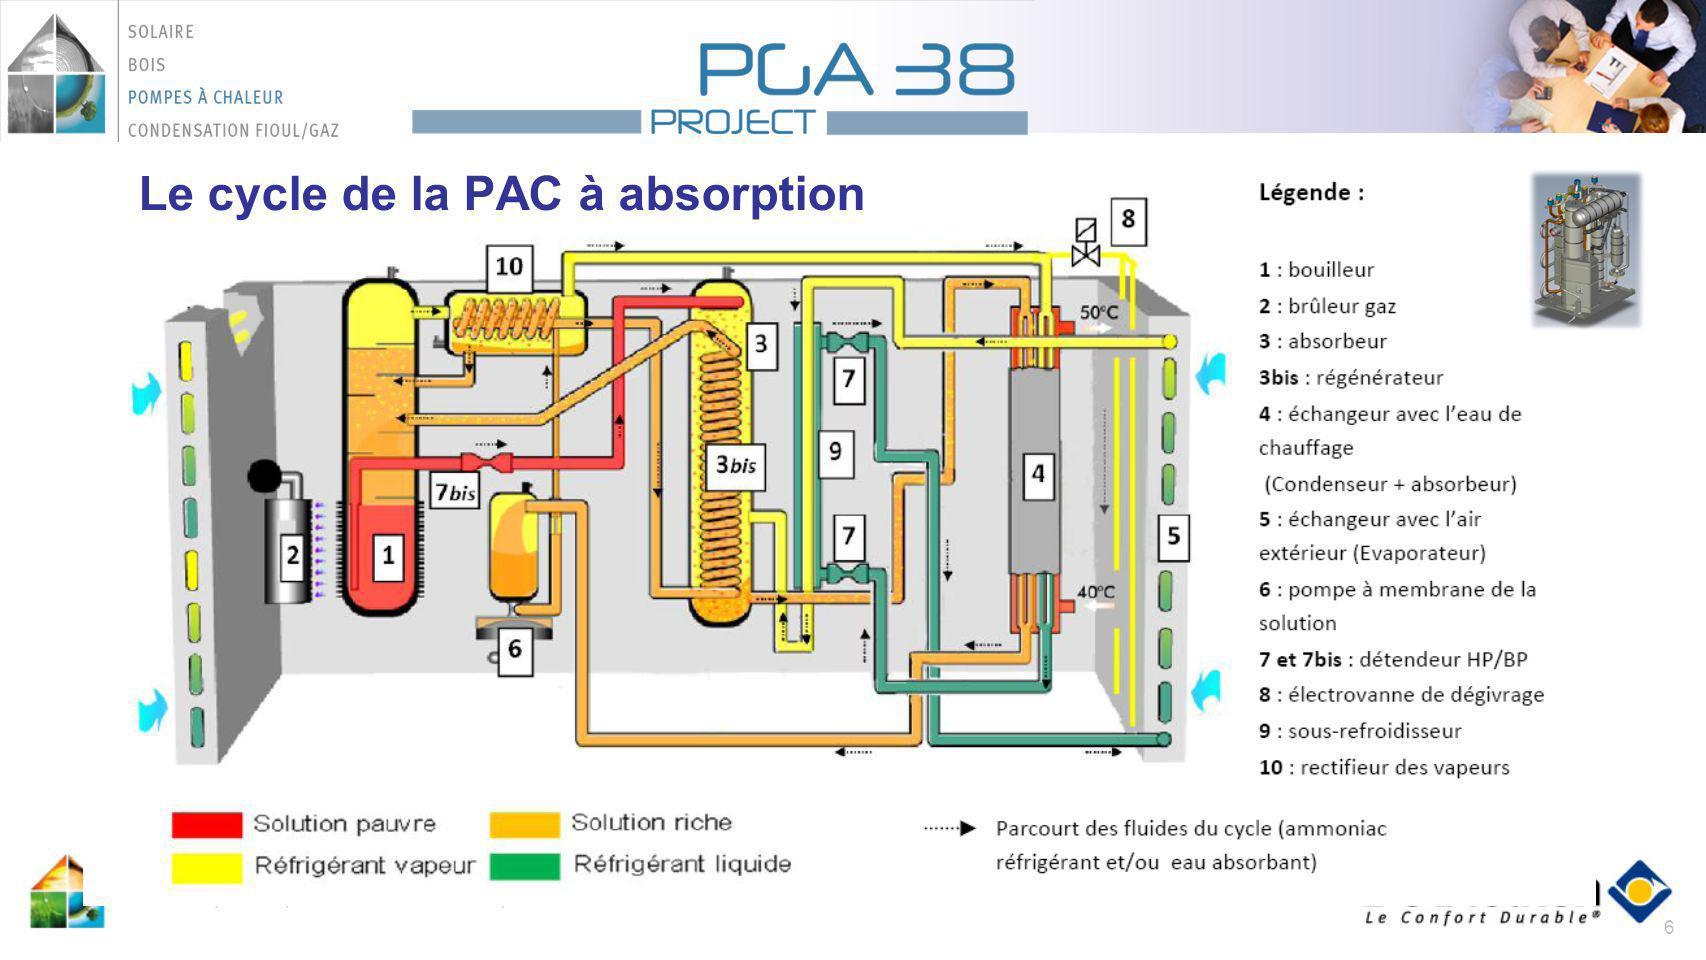 27 D19Formation PACGAZ - P227 Dimensionnement – PAC ABSORPTION : Règles générales: Circuit à eau chauffage Dimensionner la PAC Absorption pour la faire fonctionner le plus souvent (environ de 30% à 50% de D*) LECS peut être préparée avec la PAC mais risque de fortement dégrader le COP D* = déperdition à la température de base